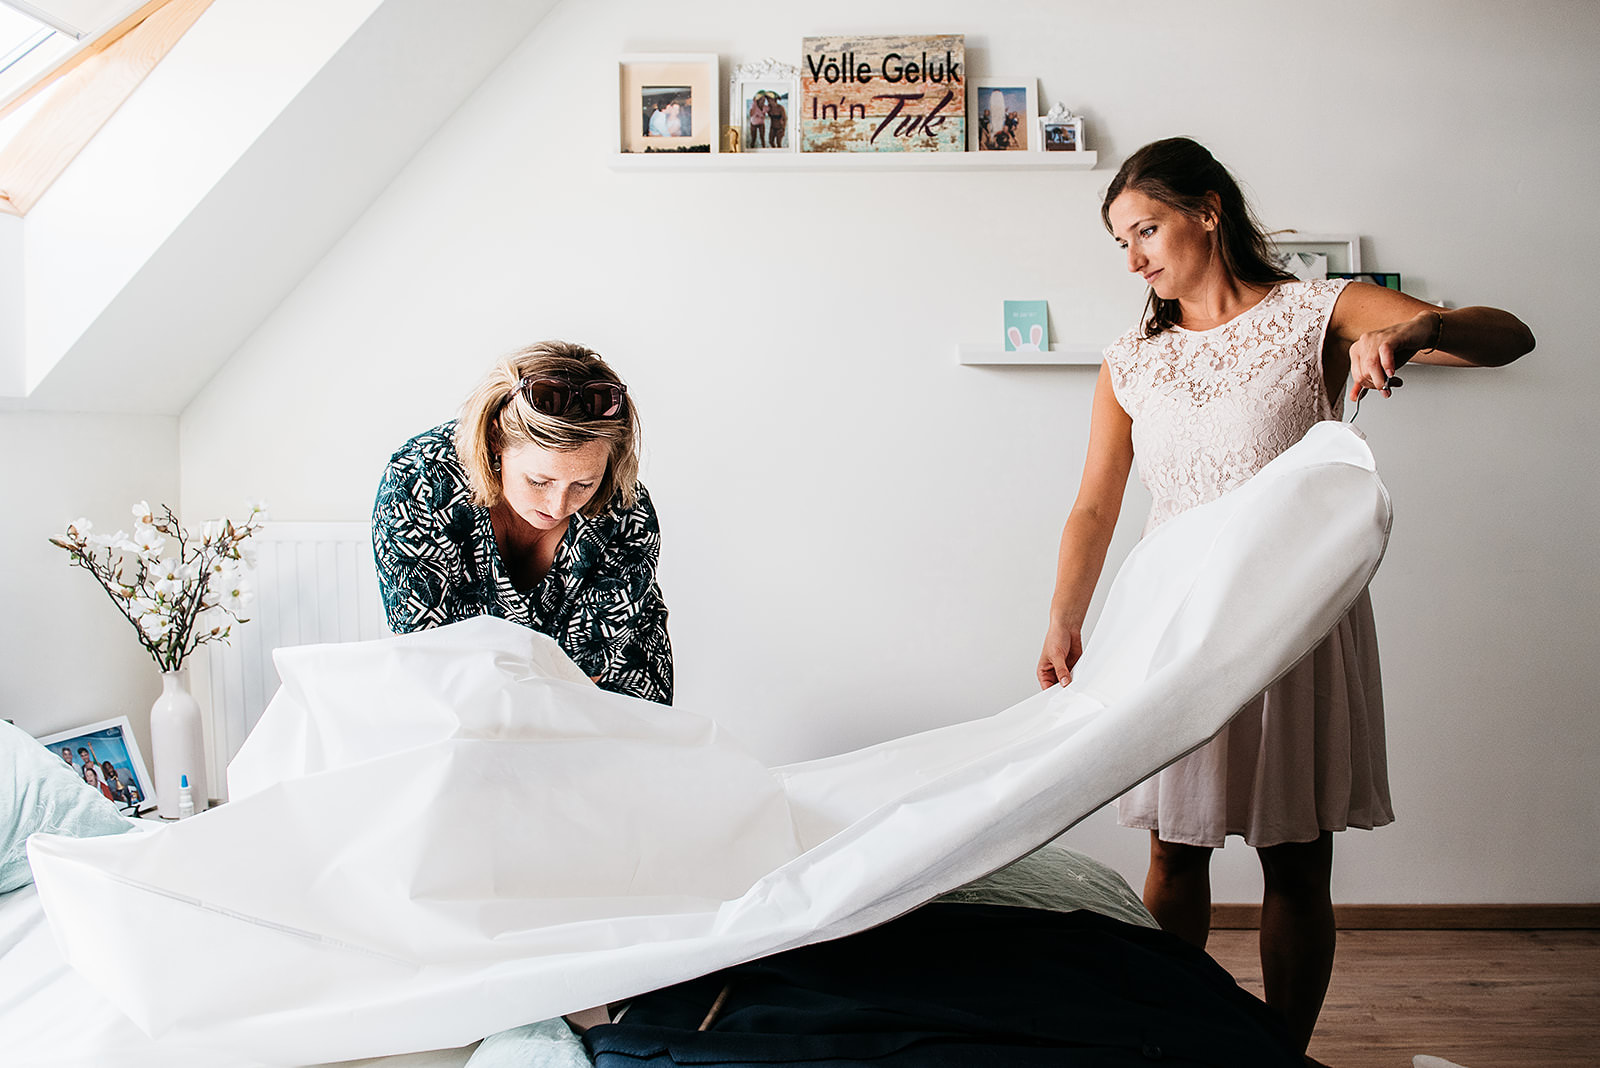 Huwelijksfotograaf Trouwfotograaf Antwerpen